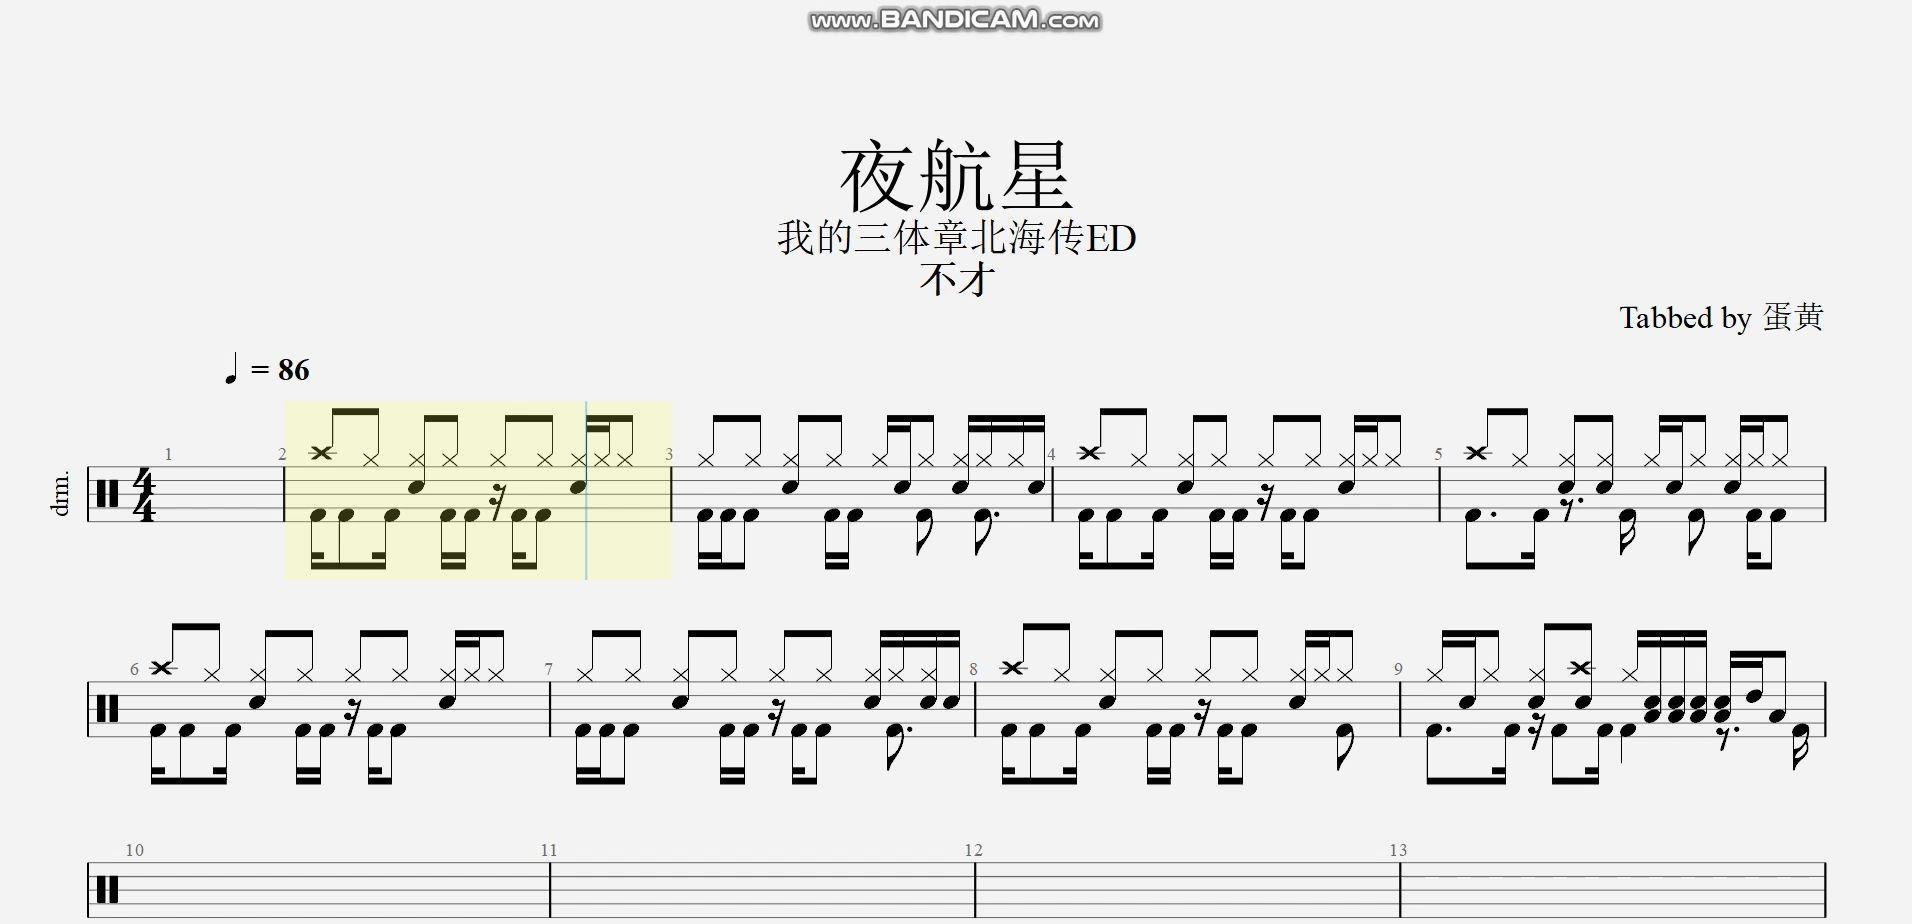 熊出没下载mp4_【动态鼓谱】《夜航星》-不才(我的三体ED)-爱哔哩(B站视频 ...